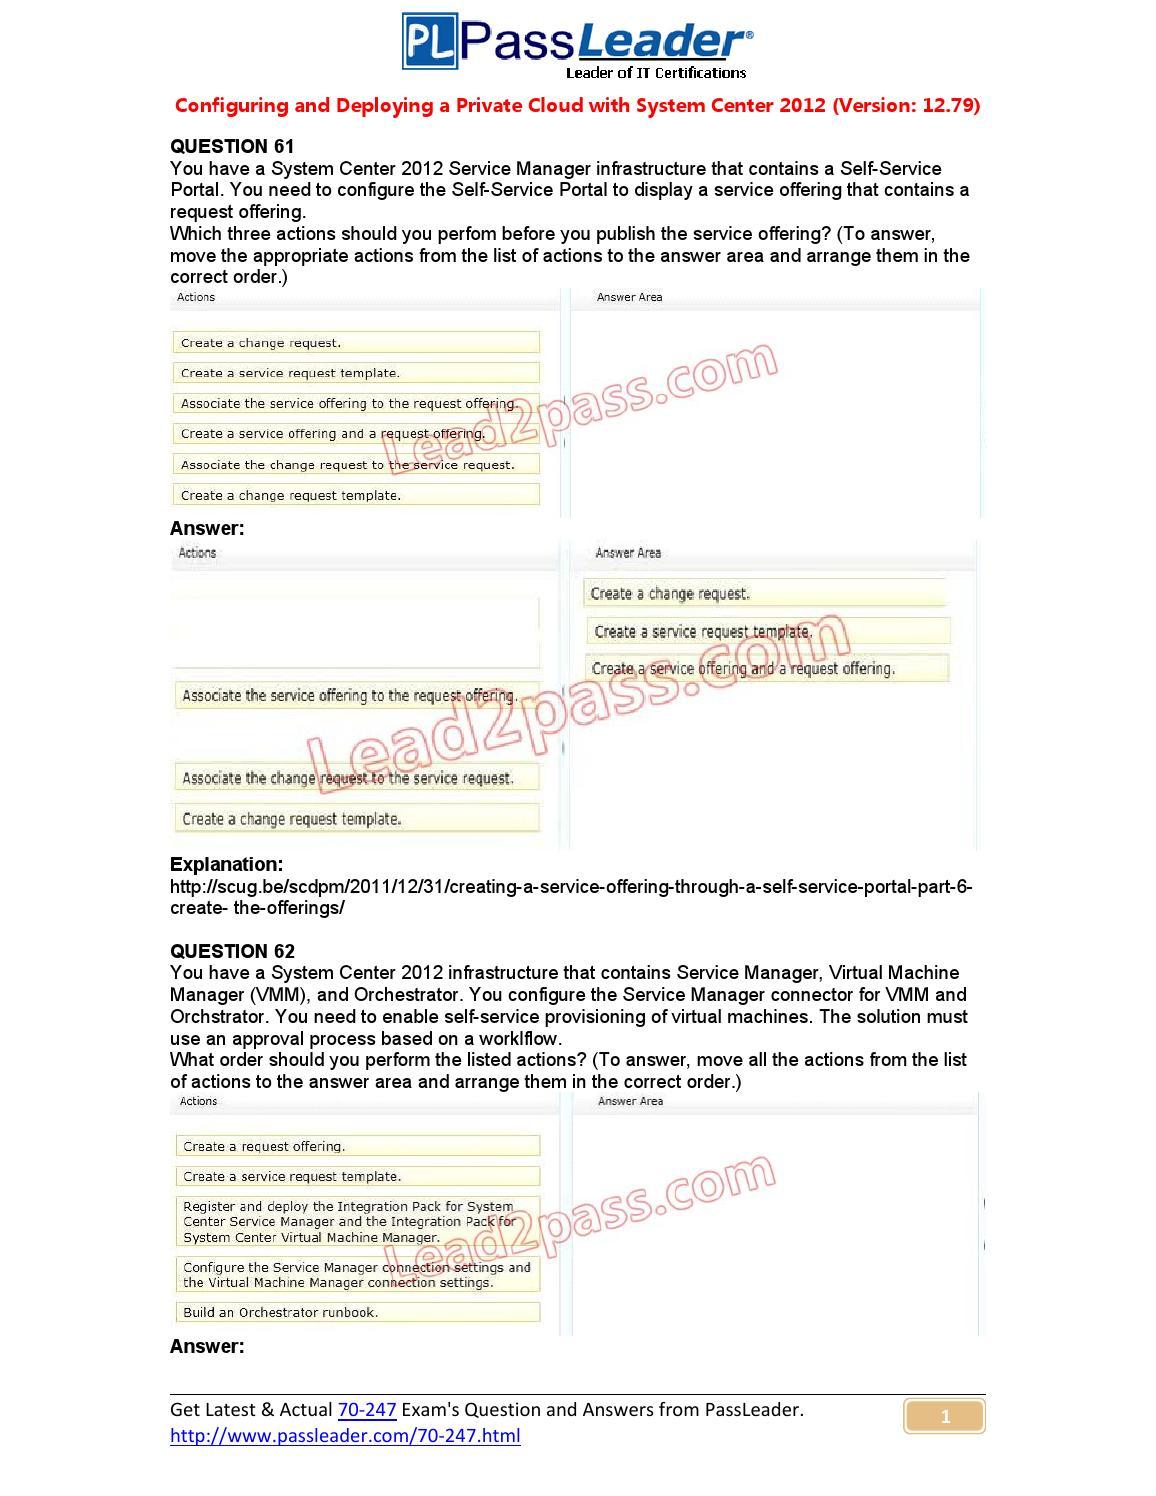 70-247 exam case study